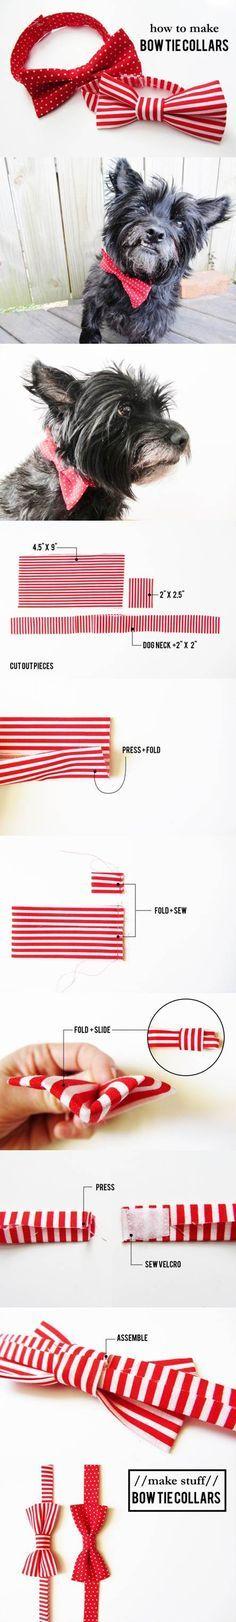 DIY Bow Tie Dog Collars